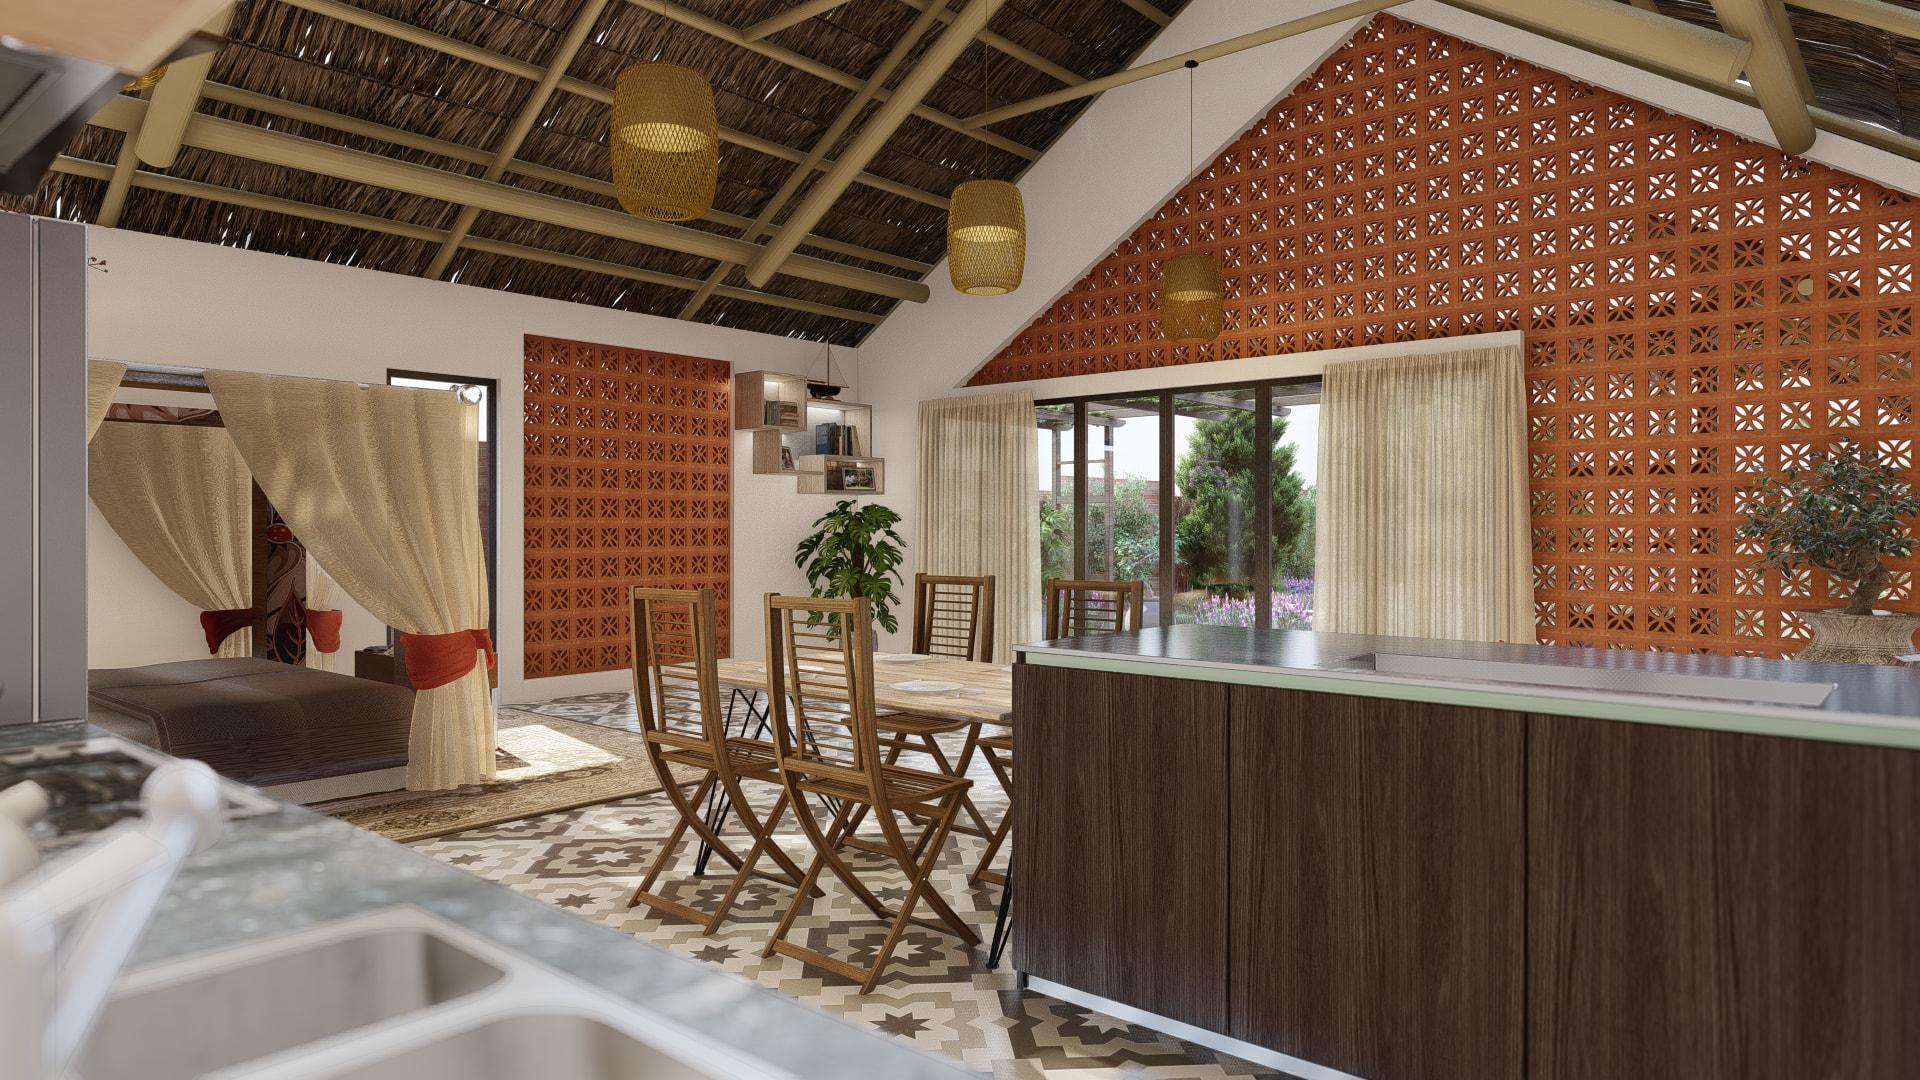 thiết kế Nhà tại Đồng Nai NHÀ SINH HOẠT TUẦN ,NGHĨ DƯỠNG  19 1557156715